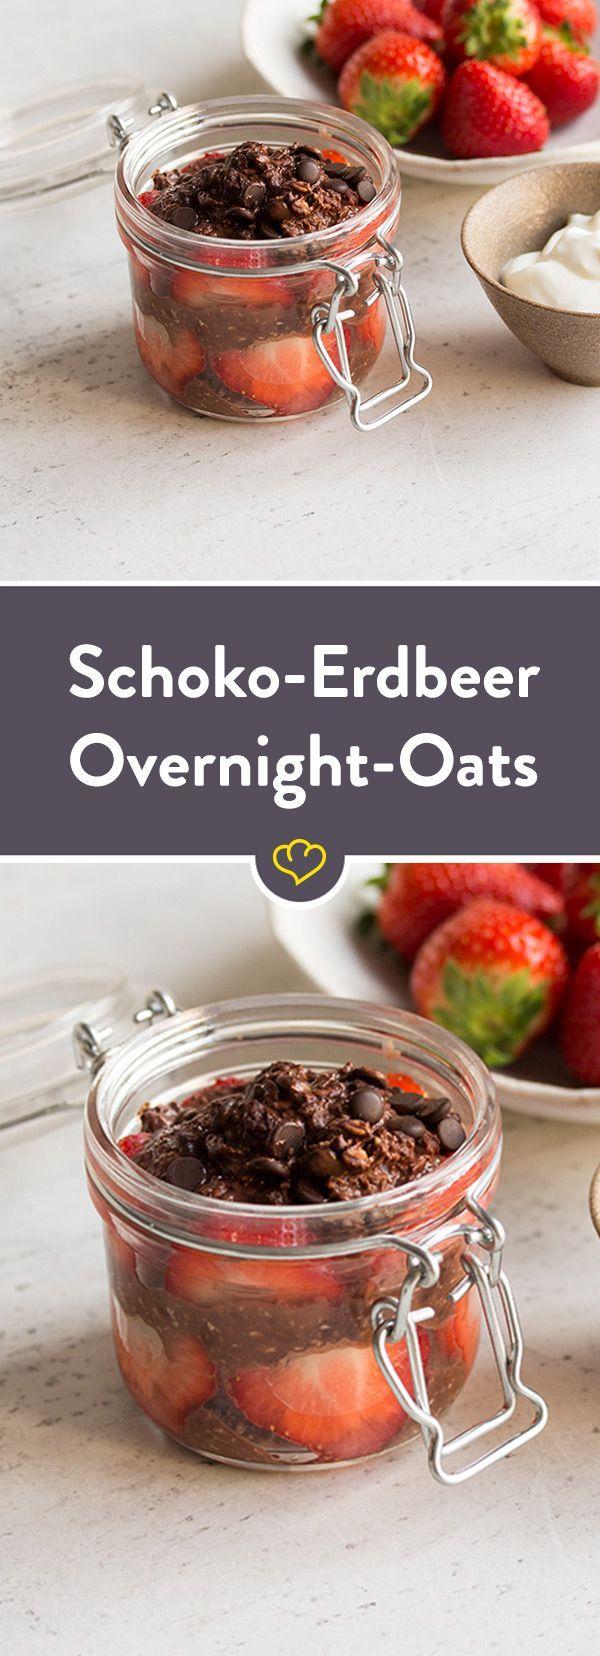 Eine fruchtig-schokoladige Frühstücksvariante, die fast schon als Dessert durchgeht und besonders für Naschkatzen ein gelungener Start in den Tag ist.